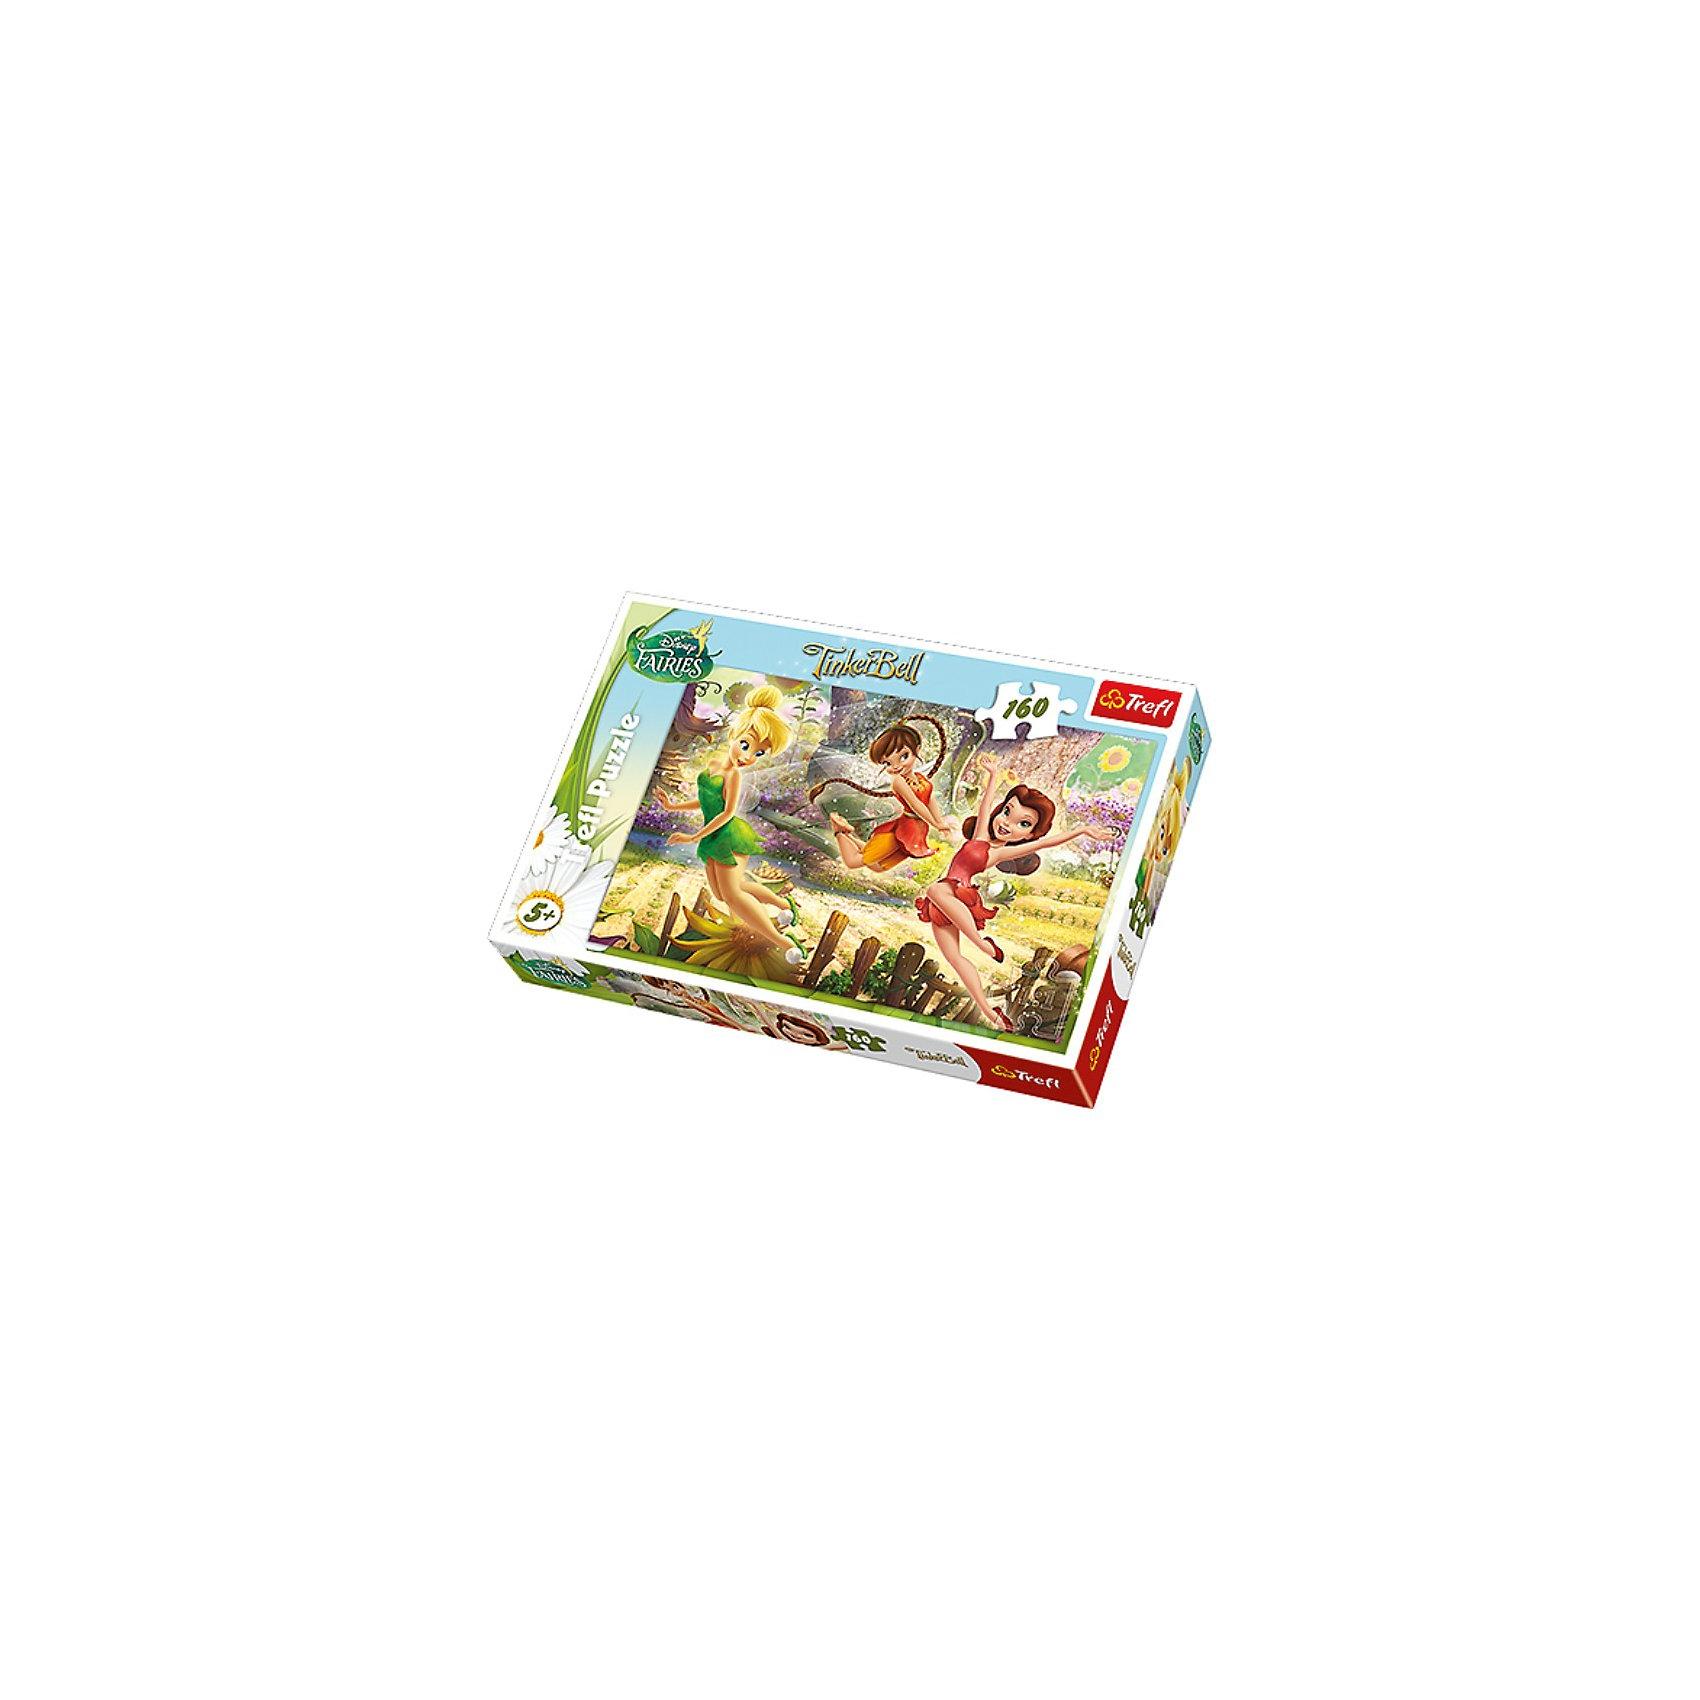 Пазлы «Игра Фей», 160 элементов, TreflКлассические пазлы<br>Количество деталей: 160 штук. <br>Размер сложенного изображения: 41х27,8 см. <br>Размер коробки: 28,8х19,3х4,1 см. <br>Очаровательные феи – Динь-Динь и ее подружки резвятся в волшебном лесу, полном удивительных цветов и солнечного света. Этот пазл нравится всем девочкам старше 5 лет, ведь собирать мозаику с изображением любимых героинь – так увлекательно!  Пазл «Феи веселятся» выполнен по официальной лицензии студии Disney. <br>Игра выпущена польским брендом Trefl, известным своими пазлами во всем мире. Дело в том, что это пазлы высочайшего качества, изготавливающиеся из каландрированной бумаги, что позволяет приобрести им невероятную гладкость и яркие насыщенные цвета, которые не стираются со временем. Кроме того, это экологически чистая продукция, не способная нанести вреда ребенку и окружающей среде.<br><br>Ширина мм: 287<br>Глубина мм: 198<br>Высота мм: 43<br>Вес г: 313<br>Возраст от месяцев: 84<br>Возраст до месяцев: 108<br>Пол: Женский<br>Возраст: Детский<br>Количество деталей: 160<br>SKU: 3522832